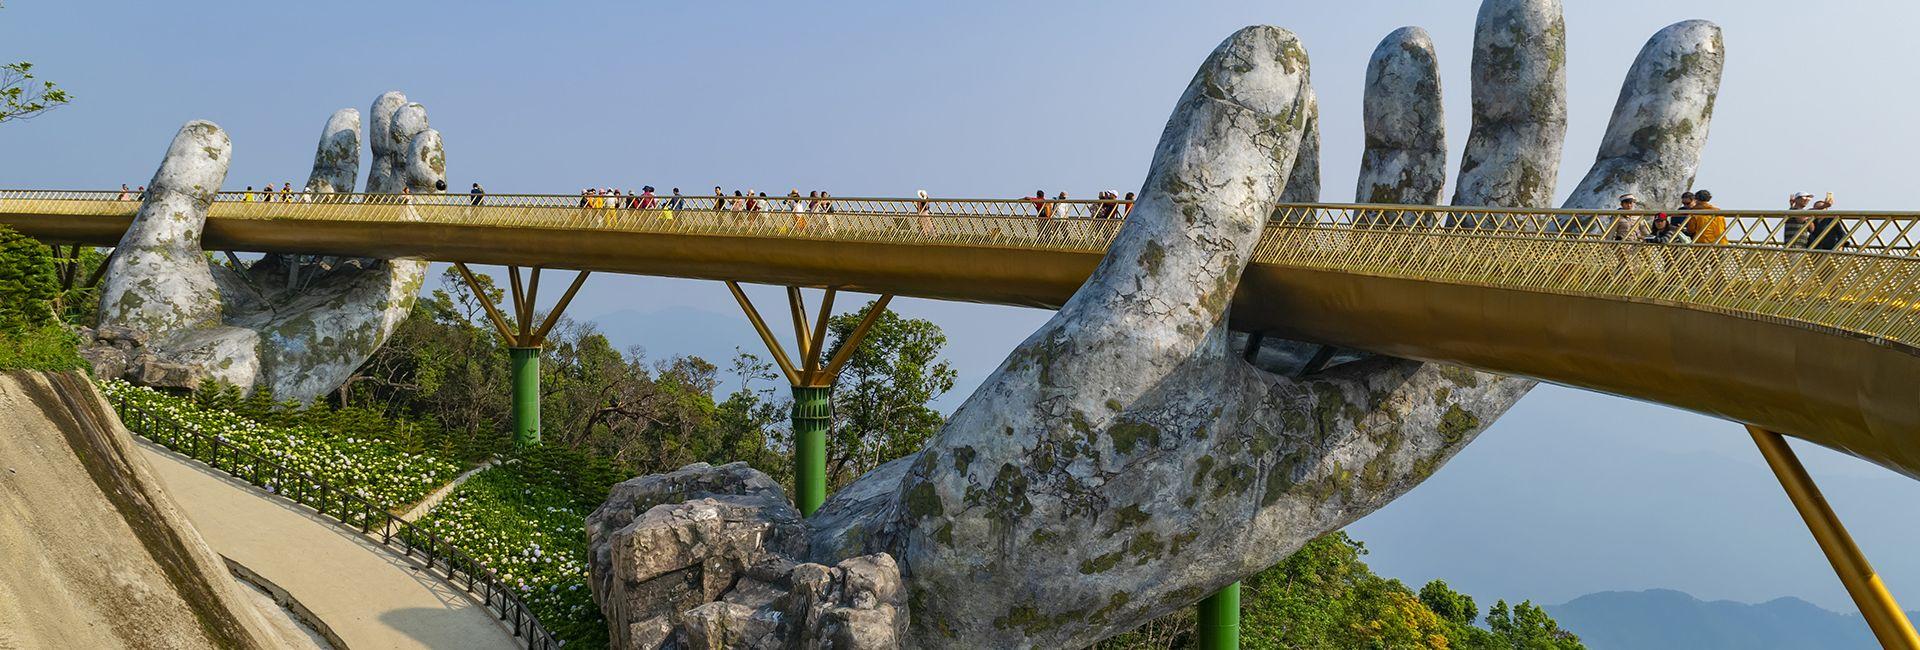 Kinh nghiệm du lịch Đà Nẵng 2 ngày 1 đêm tự túc